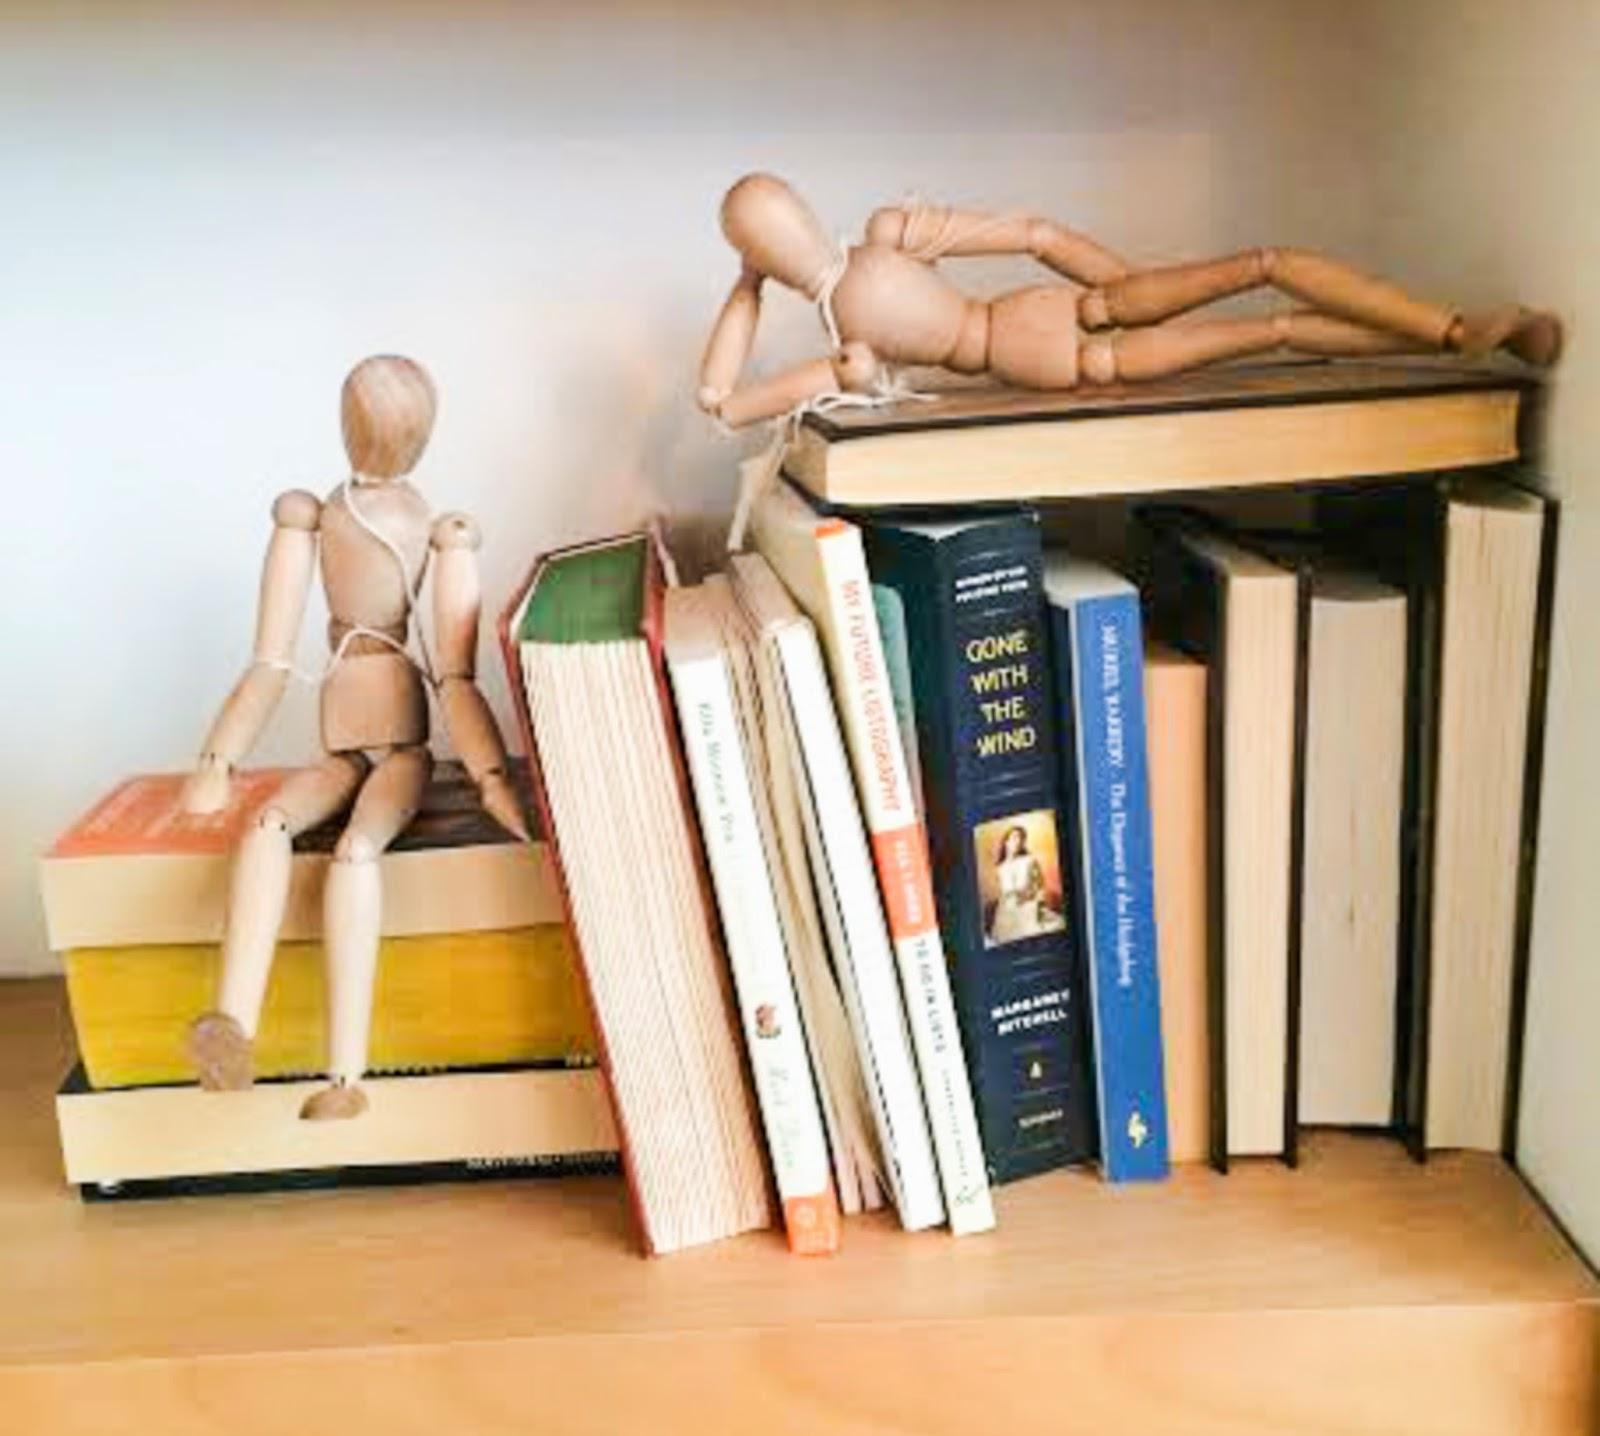 Clean book shelves